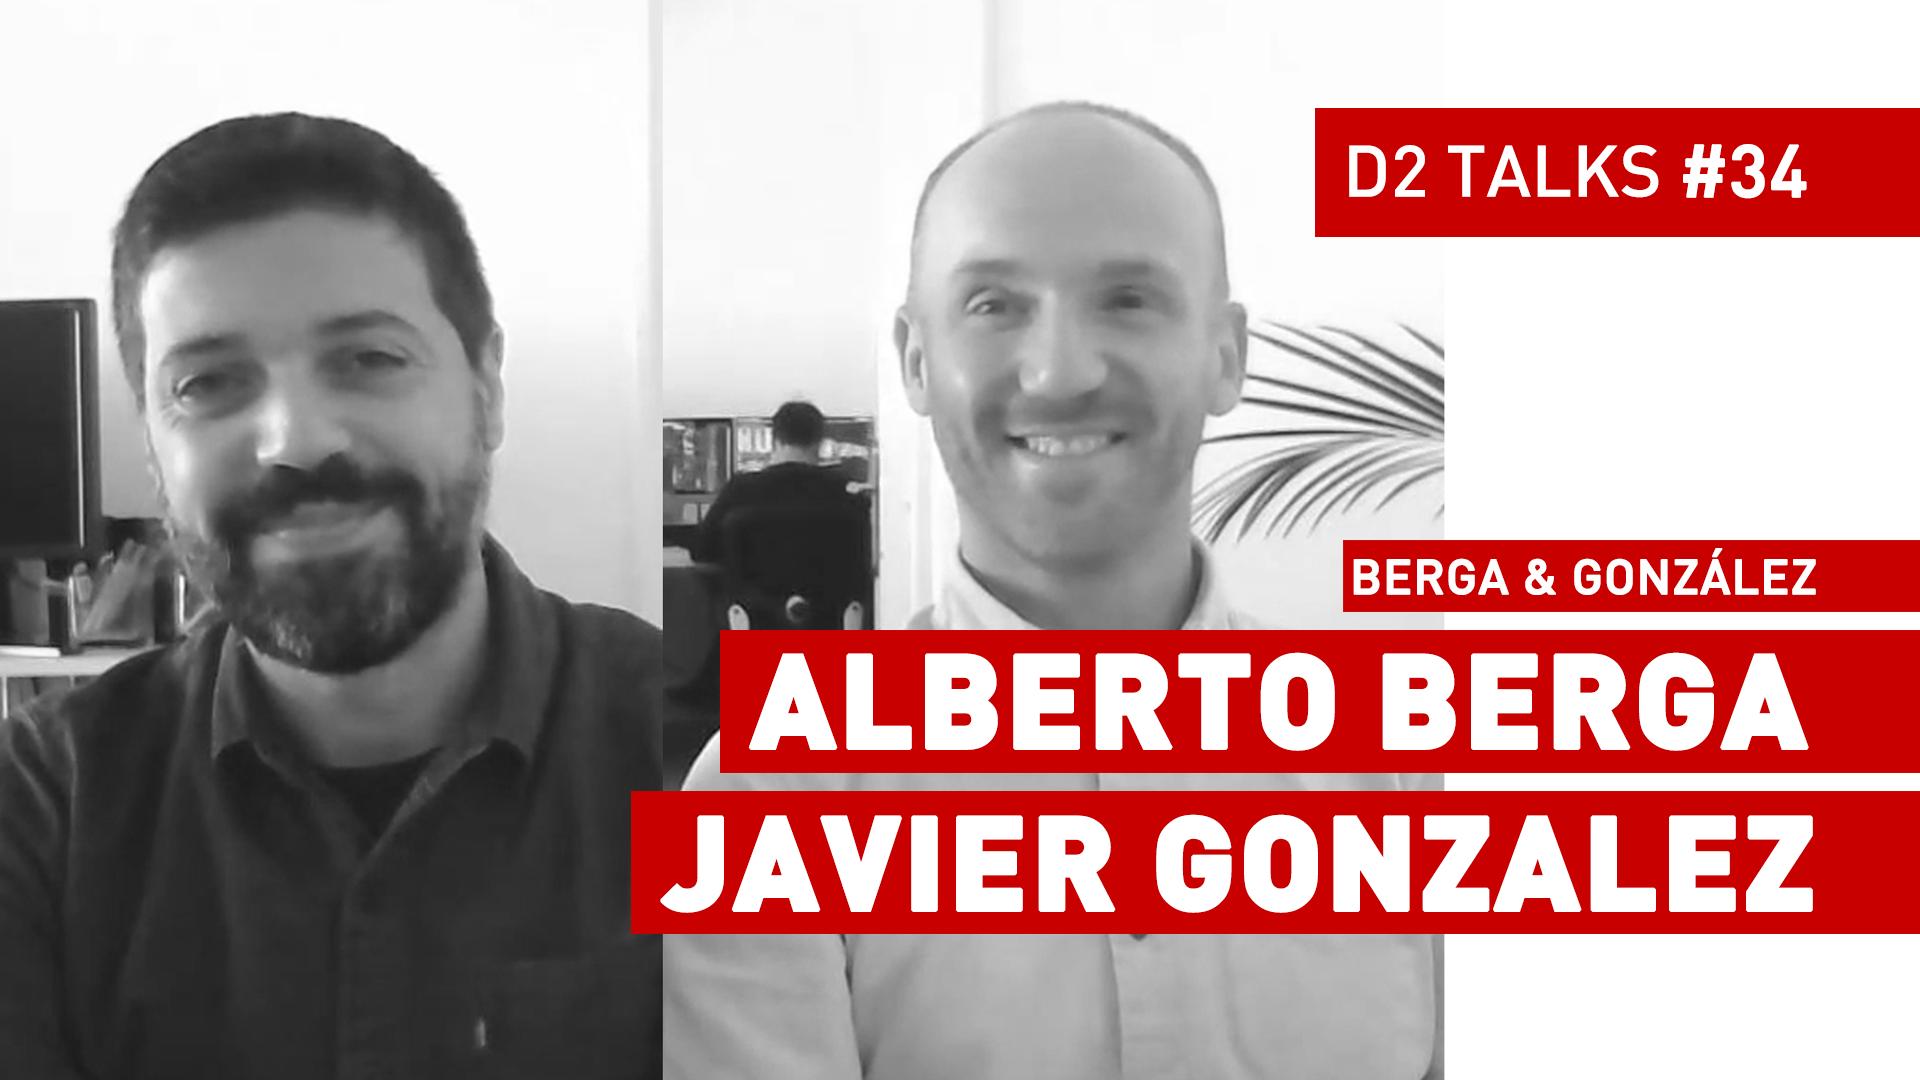 D2 Talks #34: Alberto Berga & Javier González of Berga & González